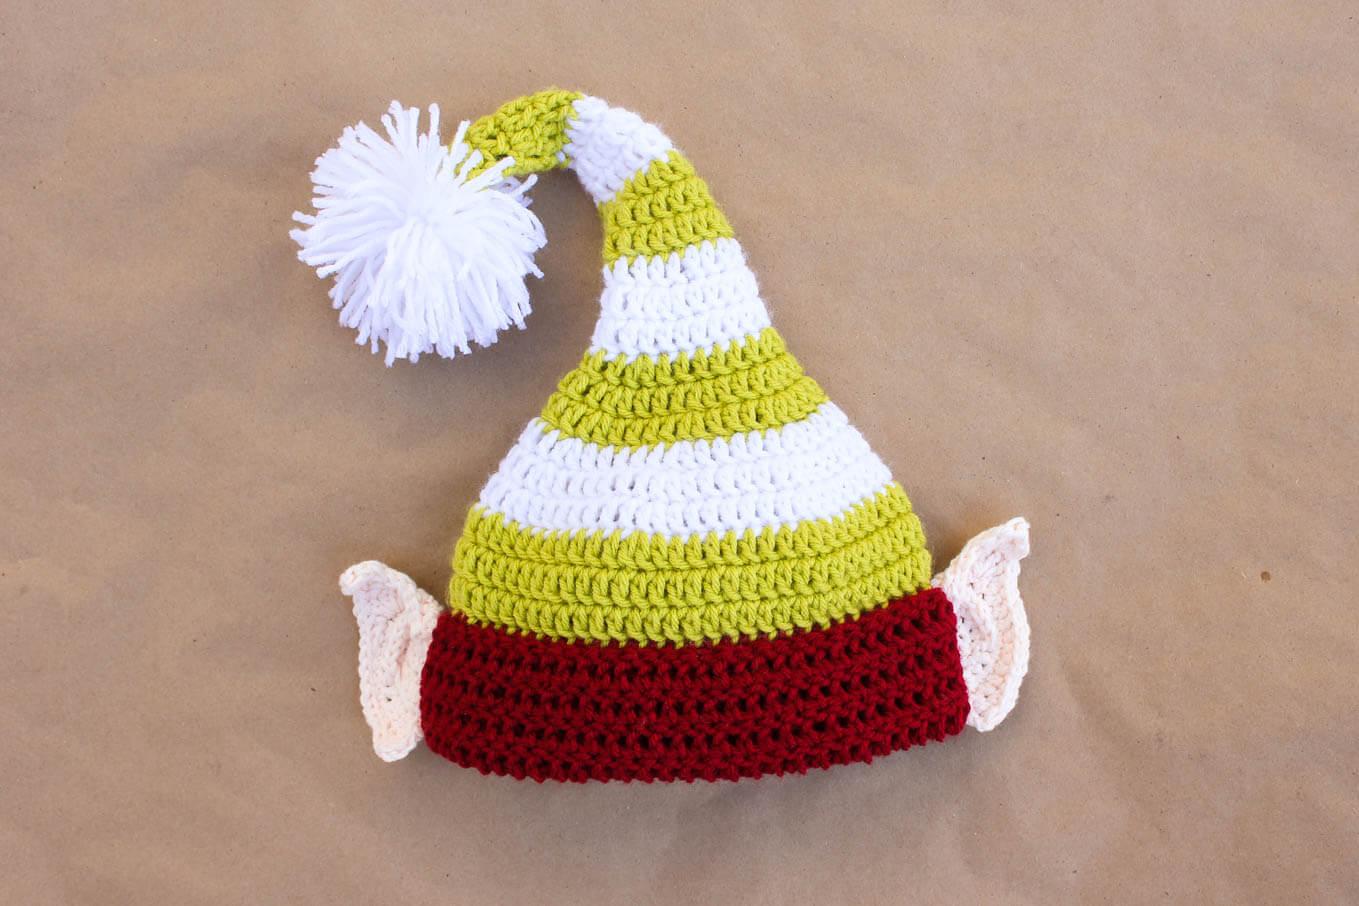 Santa's Helper Free Crochet Elf Hat Pattern (With Ears!) - Free Printable Santa Hat Patterns